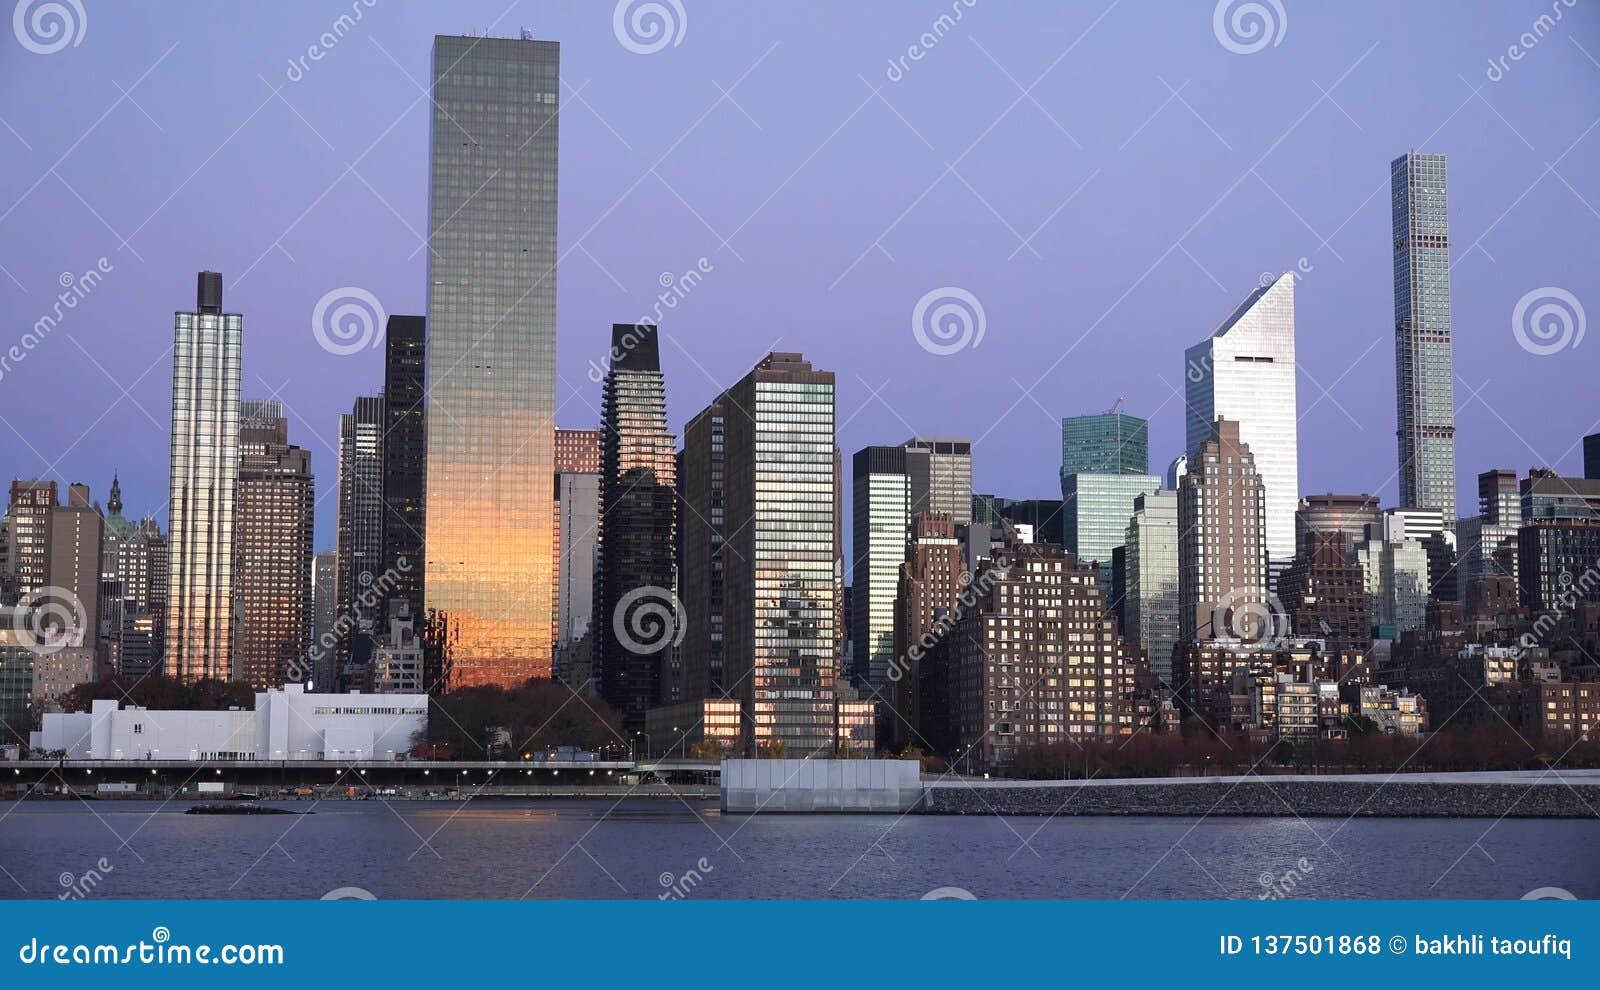 New York City midtown Manhattan sunset skyline panoramic view over Hudson